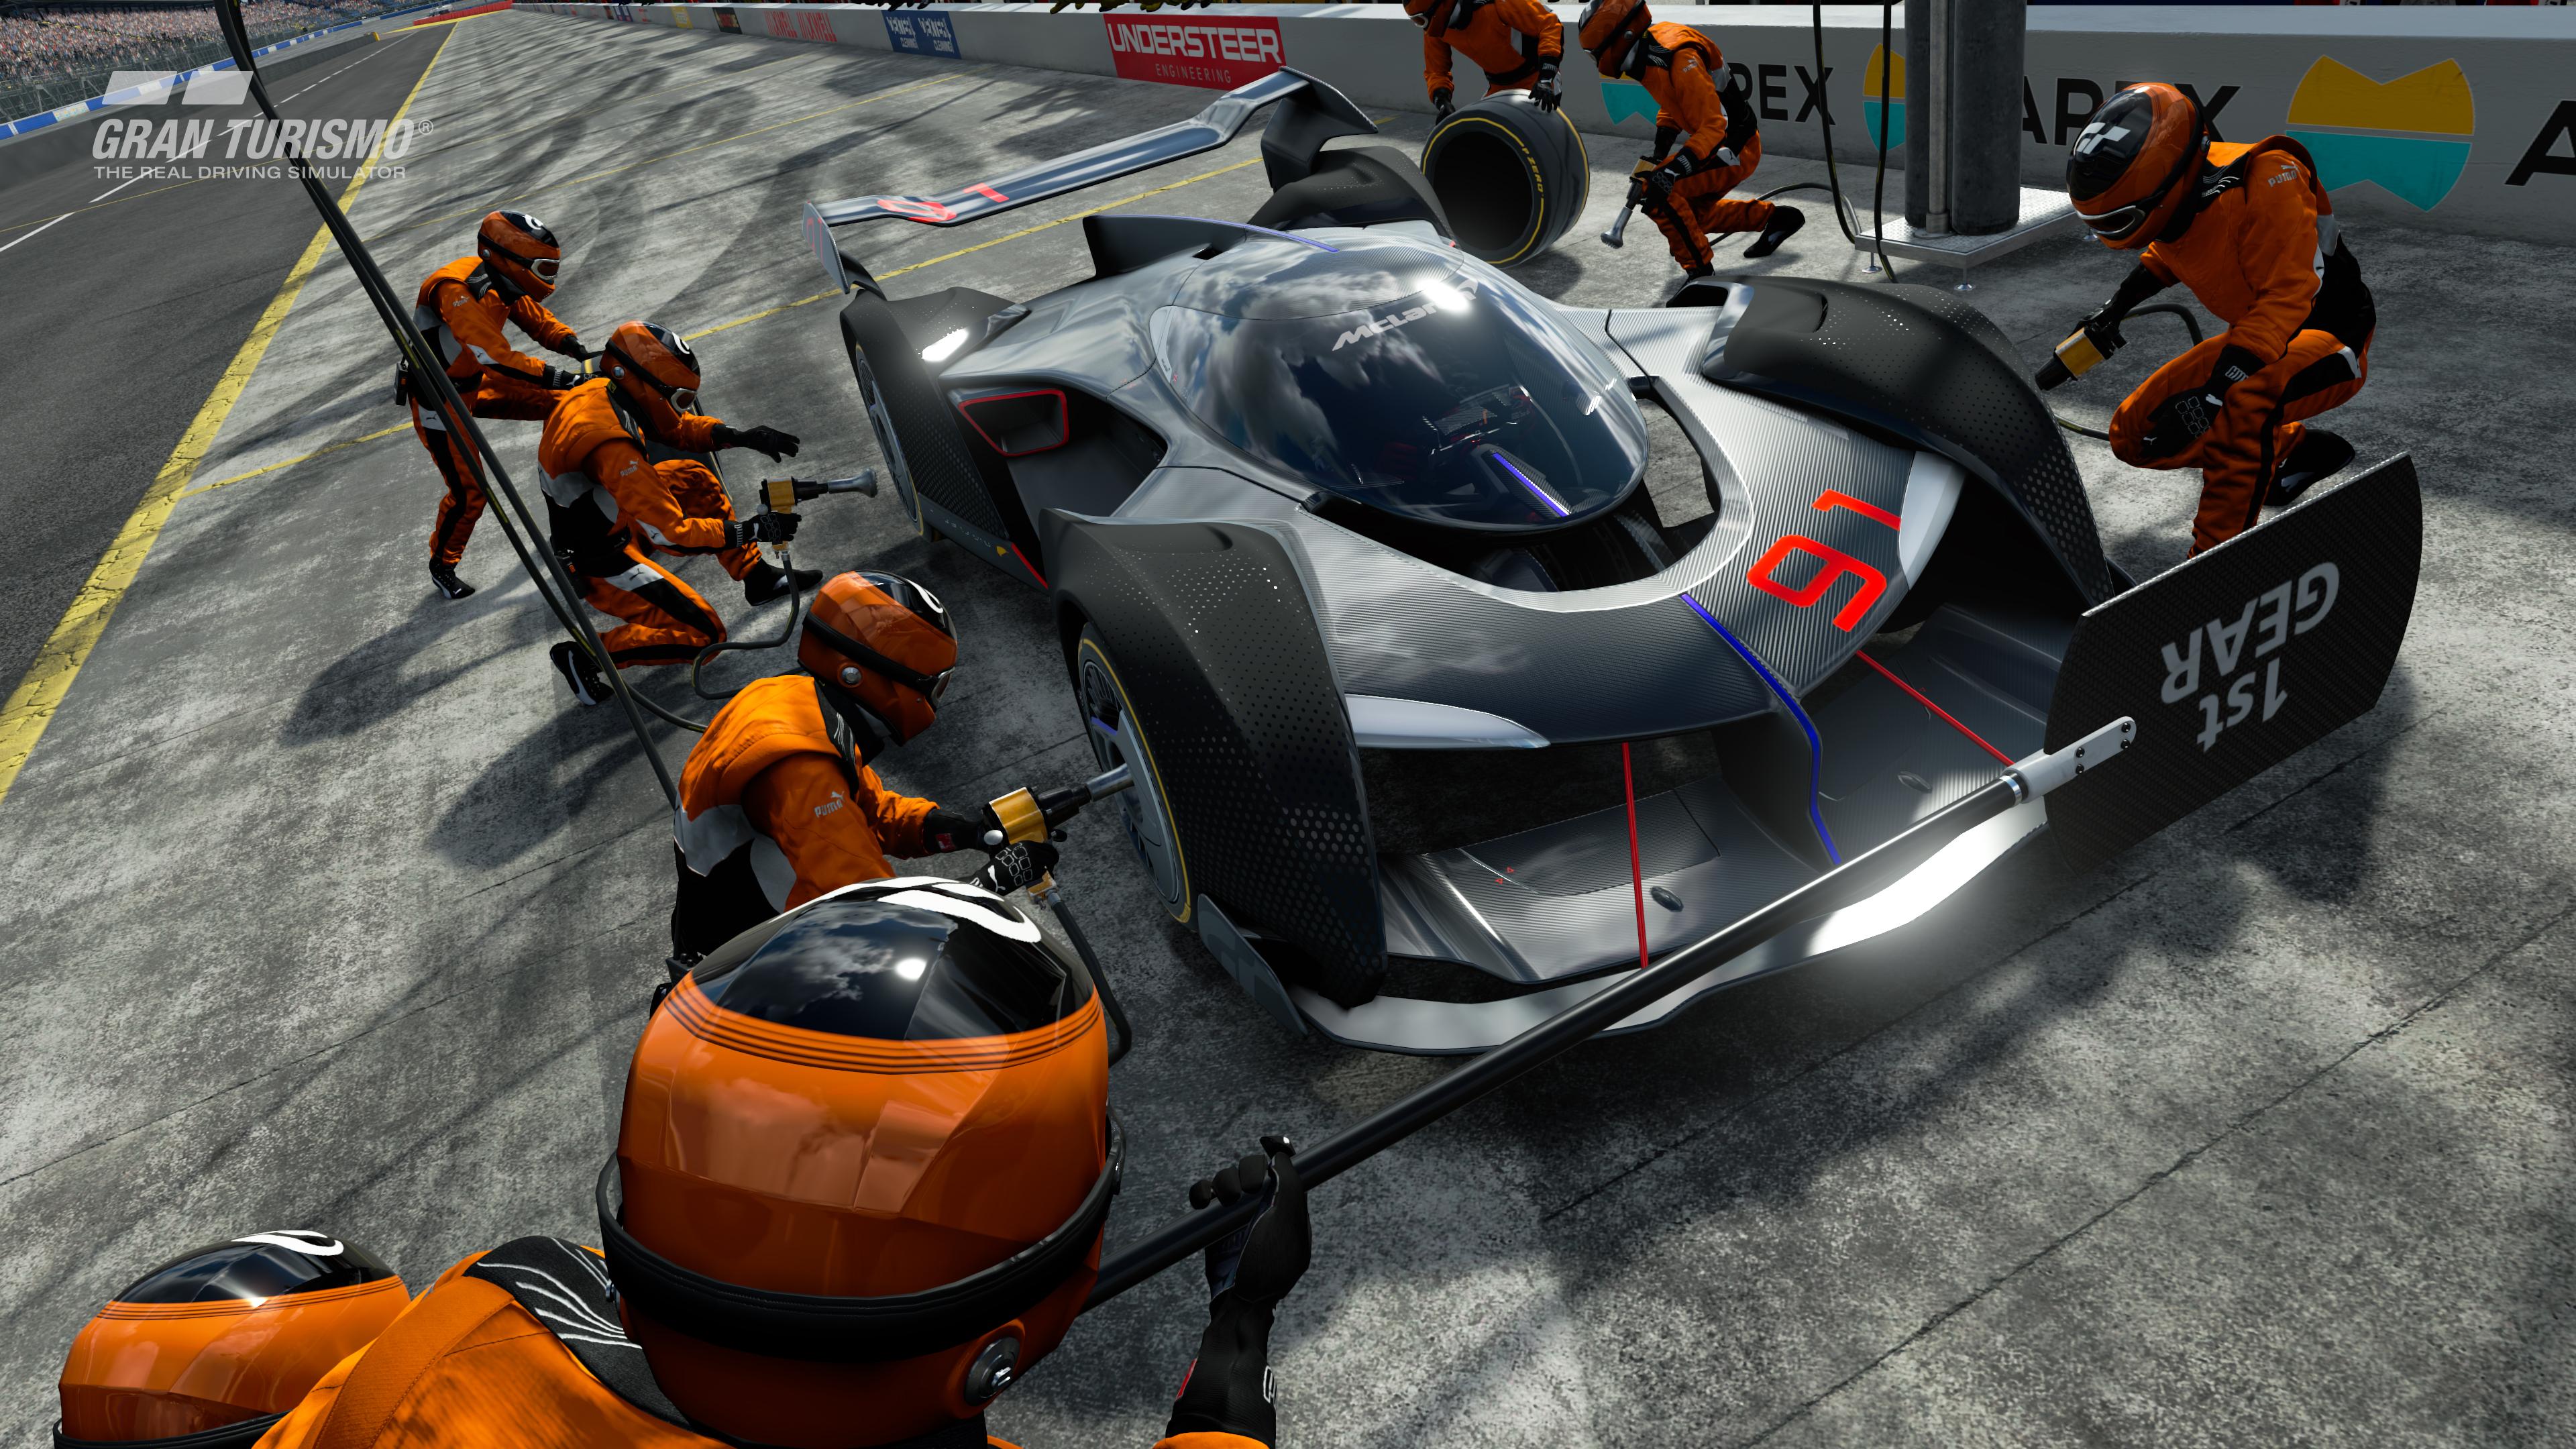 McLaren типичное gt зрения для спорта PS4 Gran Turismo обои скачать